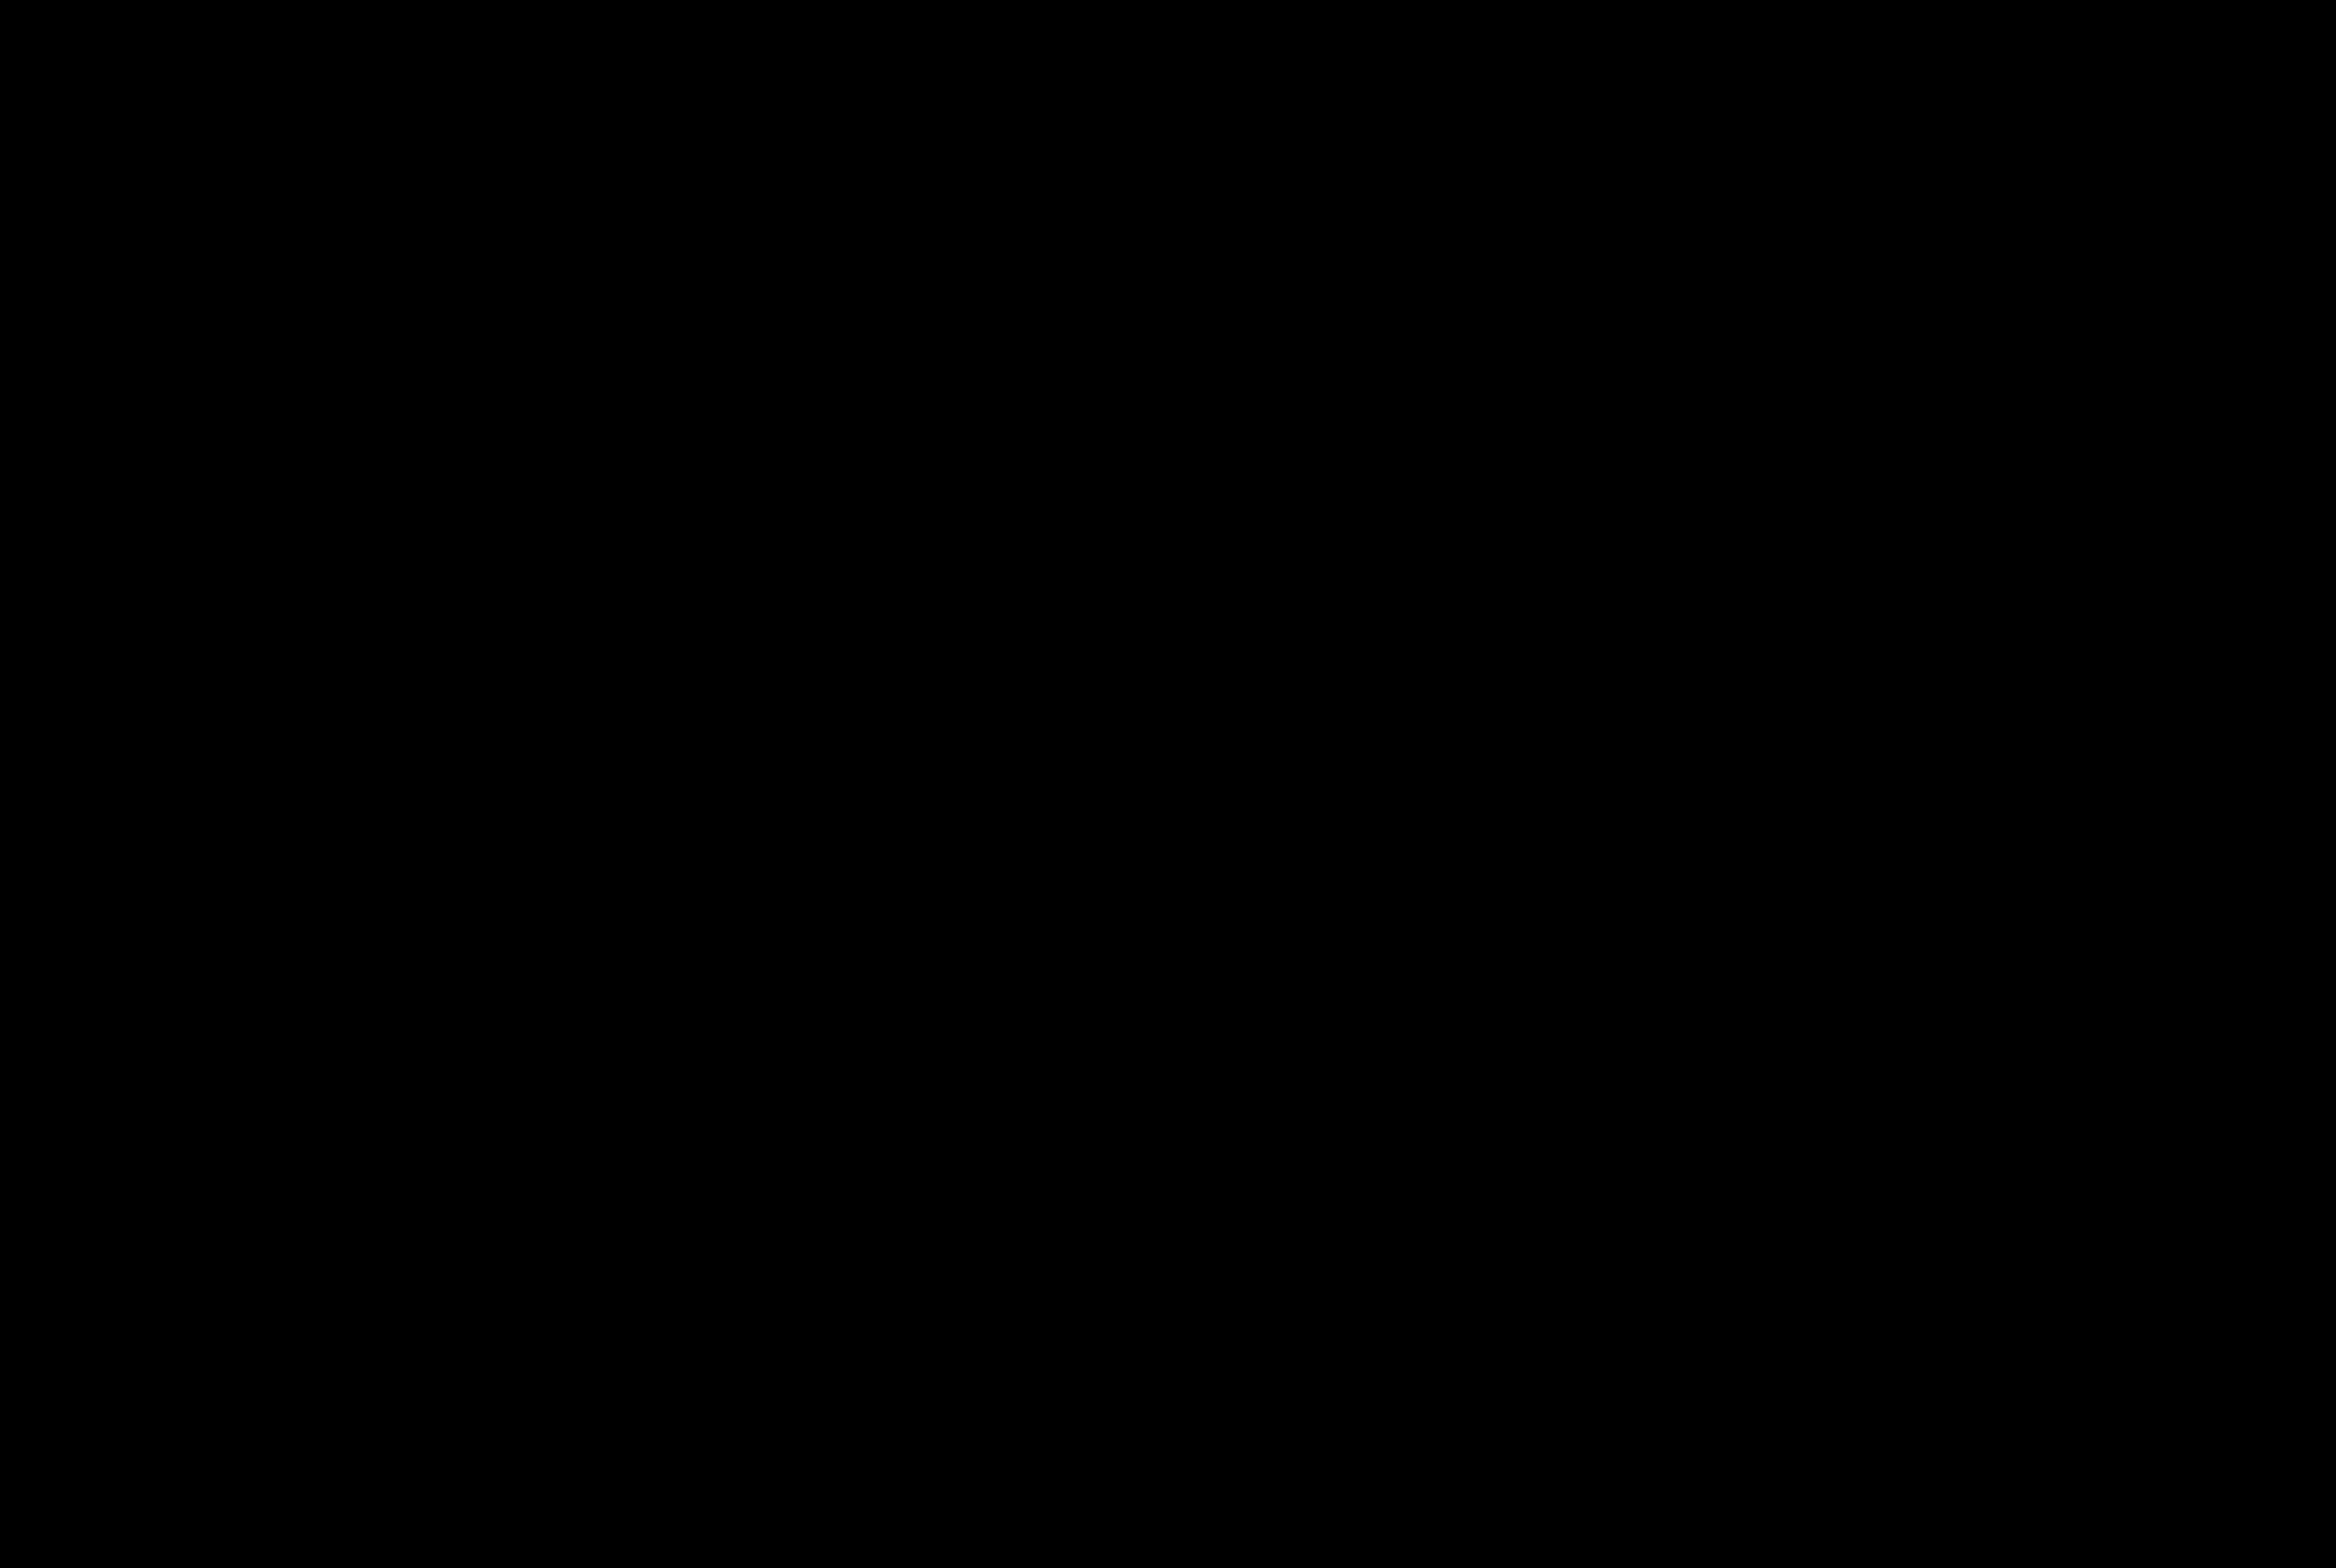 Leiksýning, kvikmyndahátíð, og heill dagur 24. maí.